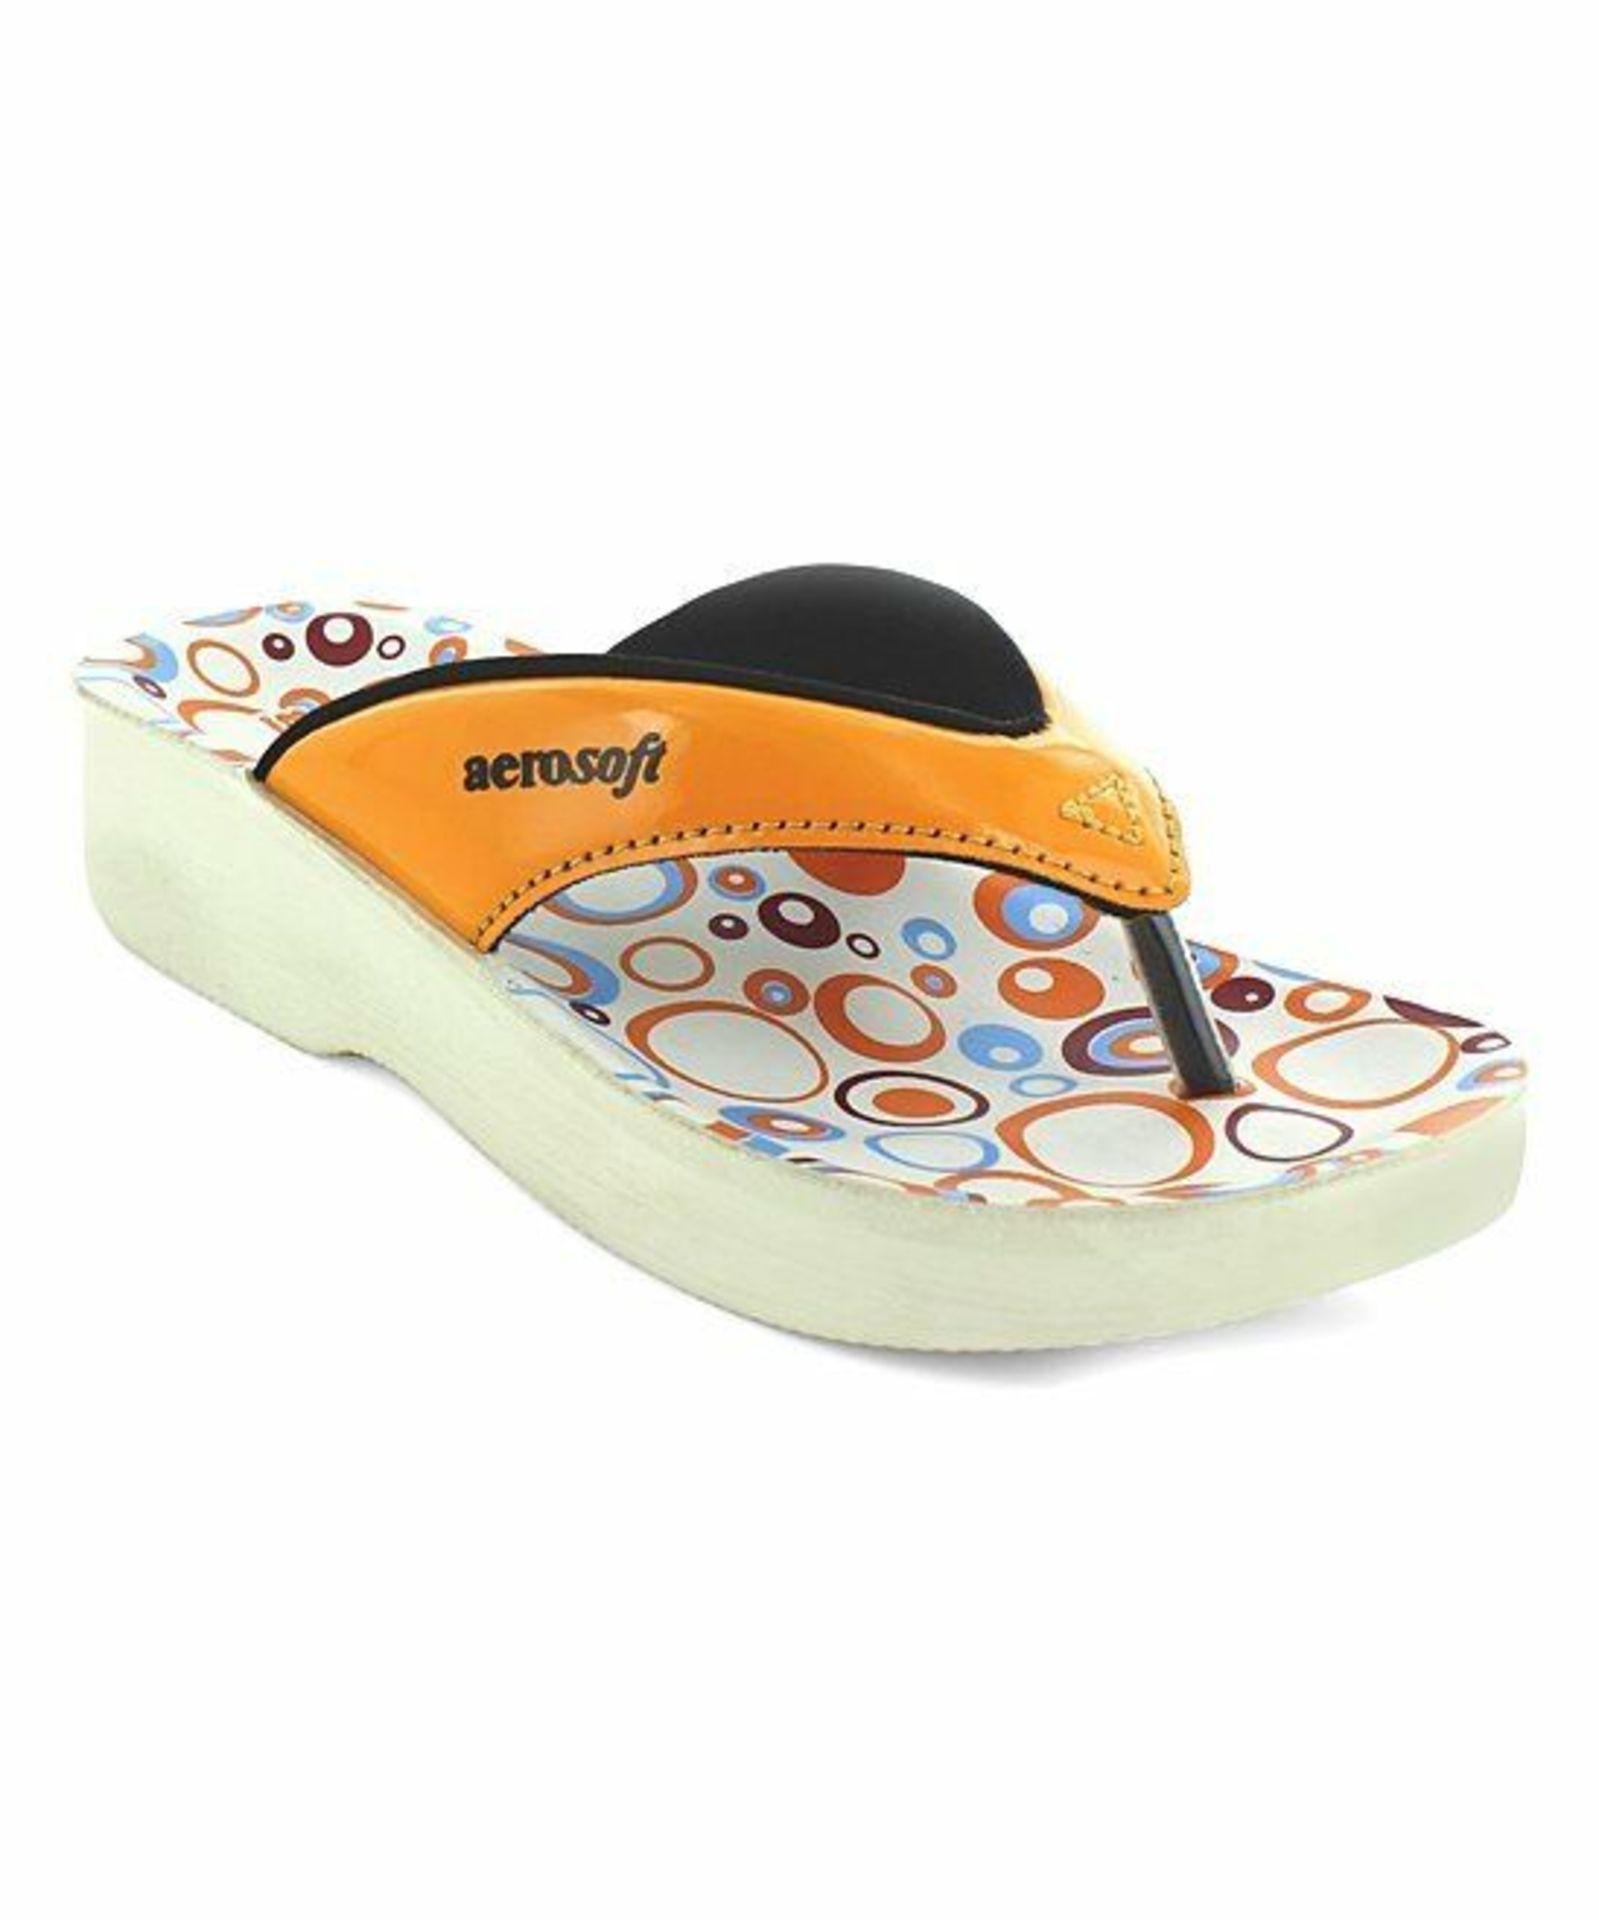 Lot 15 - Aerosoft Orange & White Hip-Hop Sandal (Uk Size:13/Euro:31) (New With Box) [Ref: 53043626-M-005]